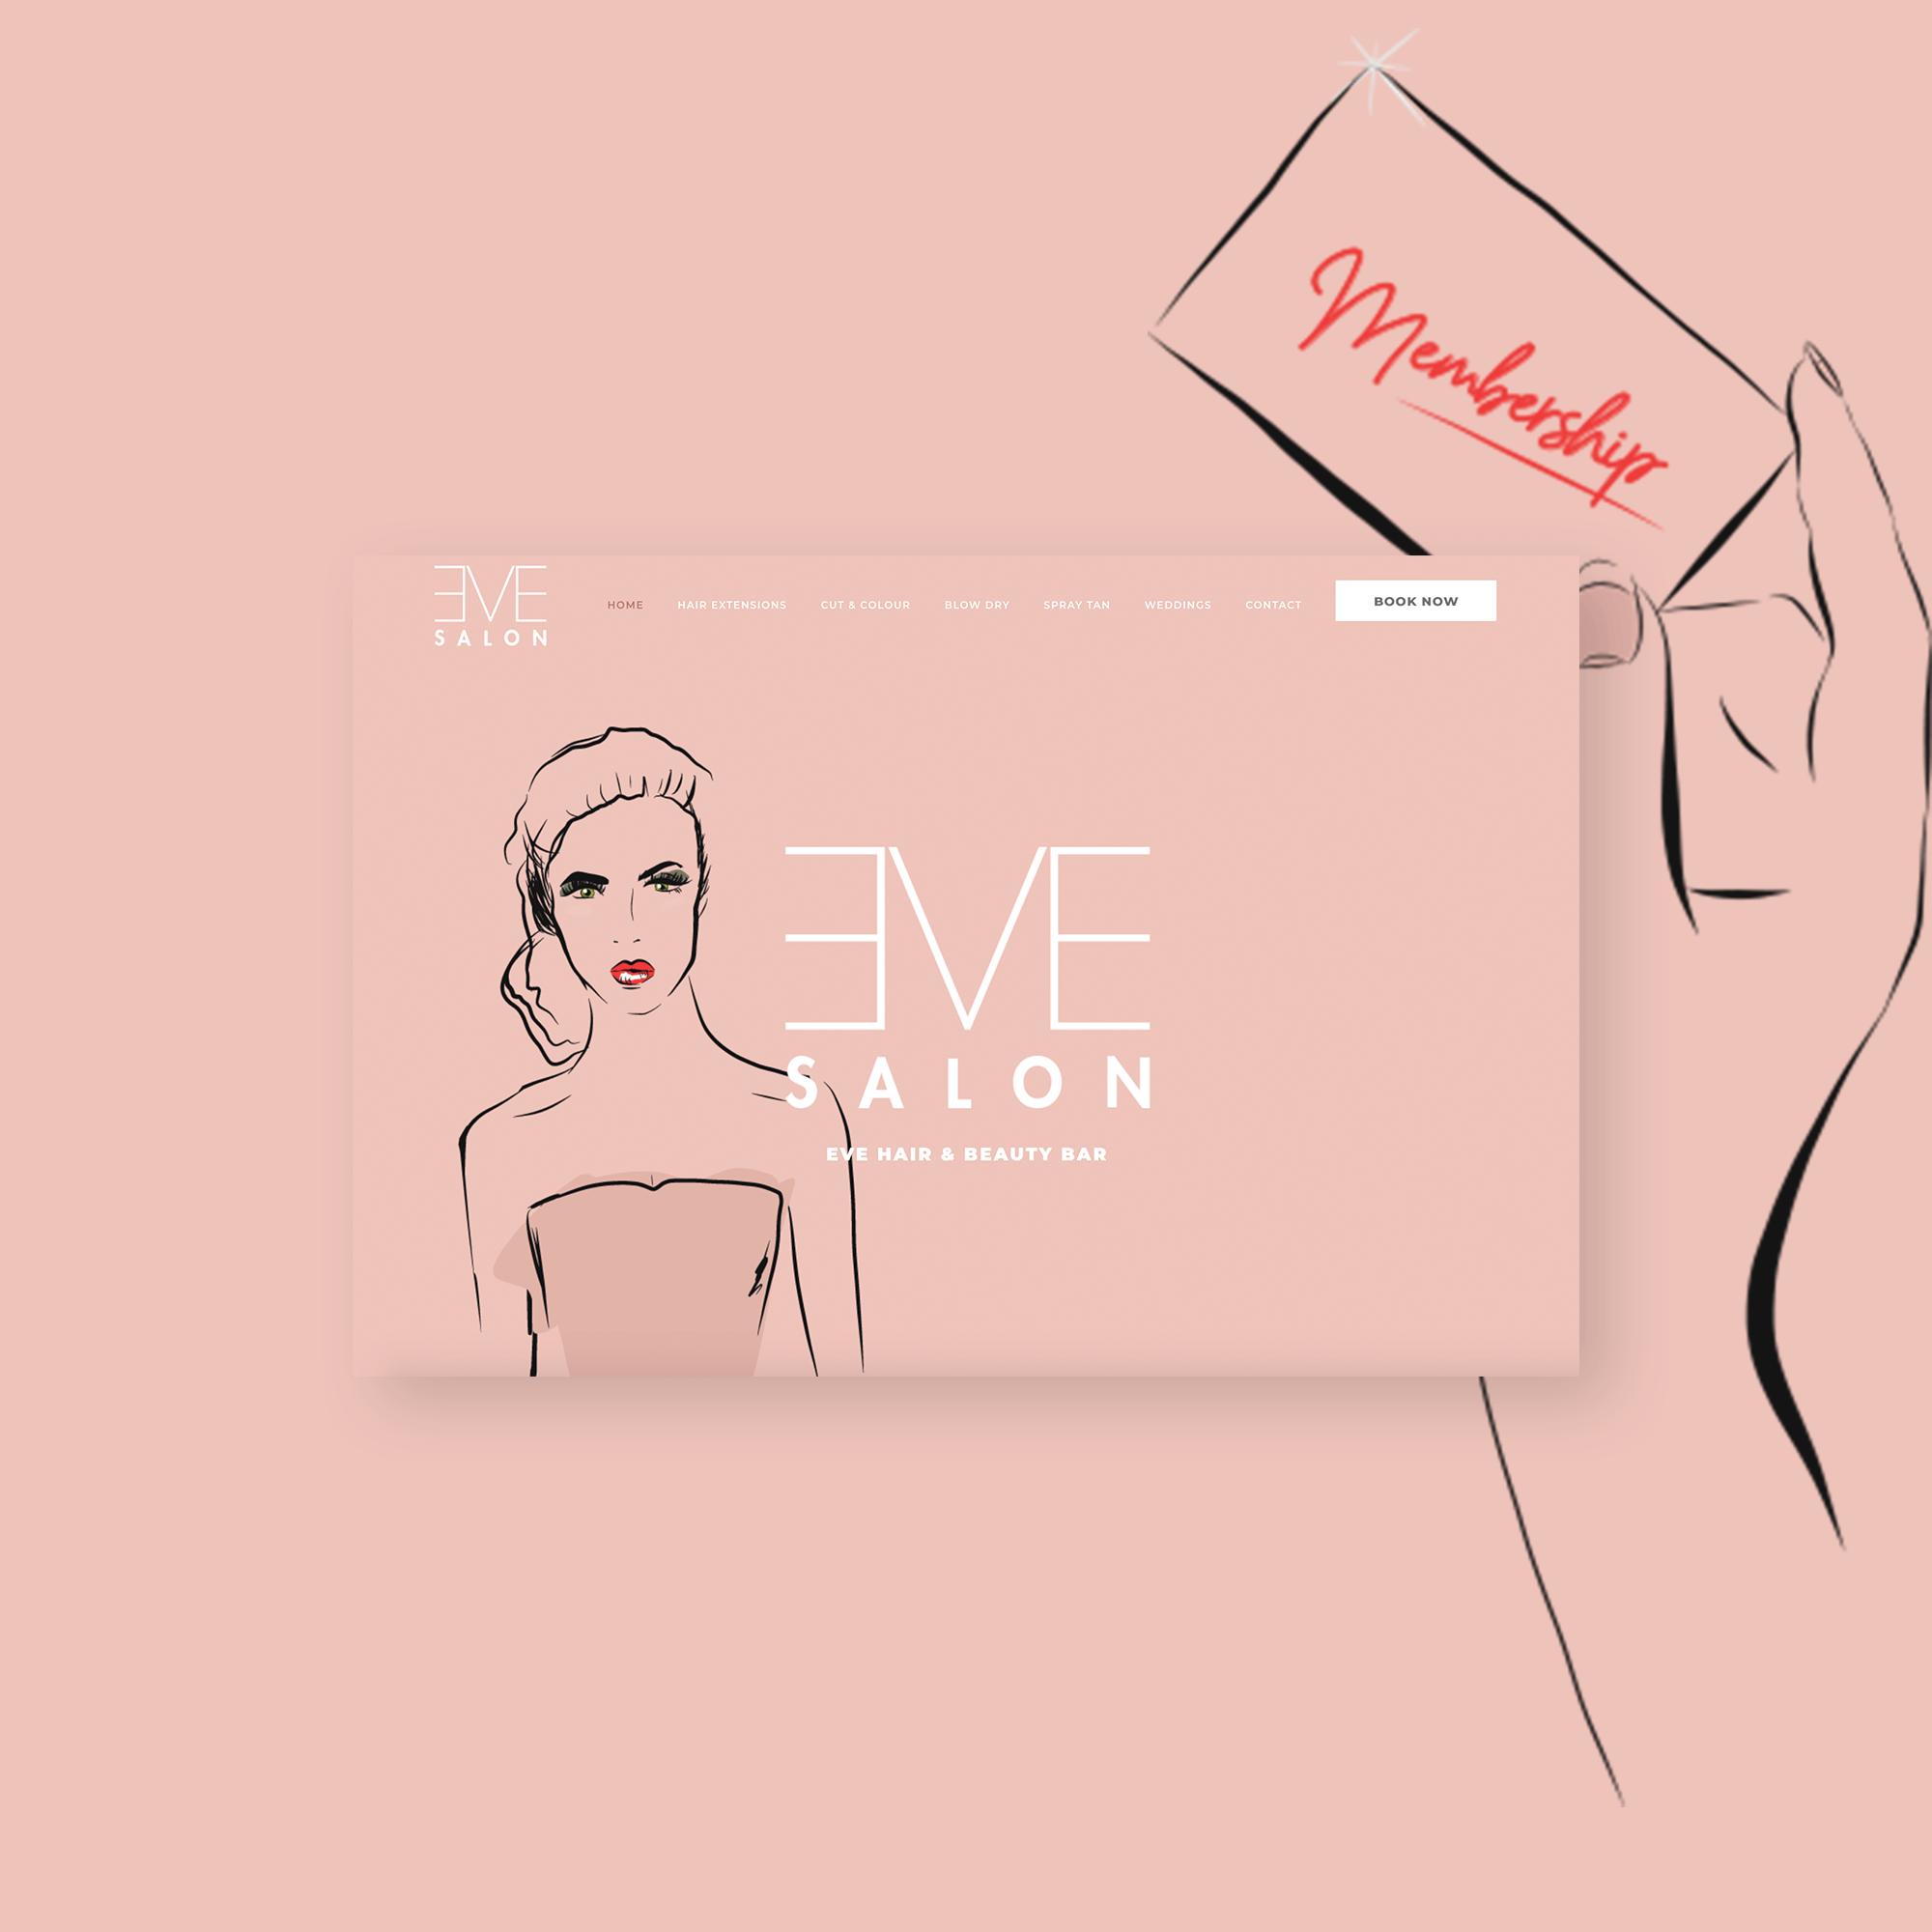 Eve Salon website design